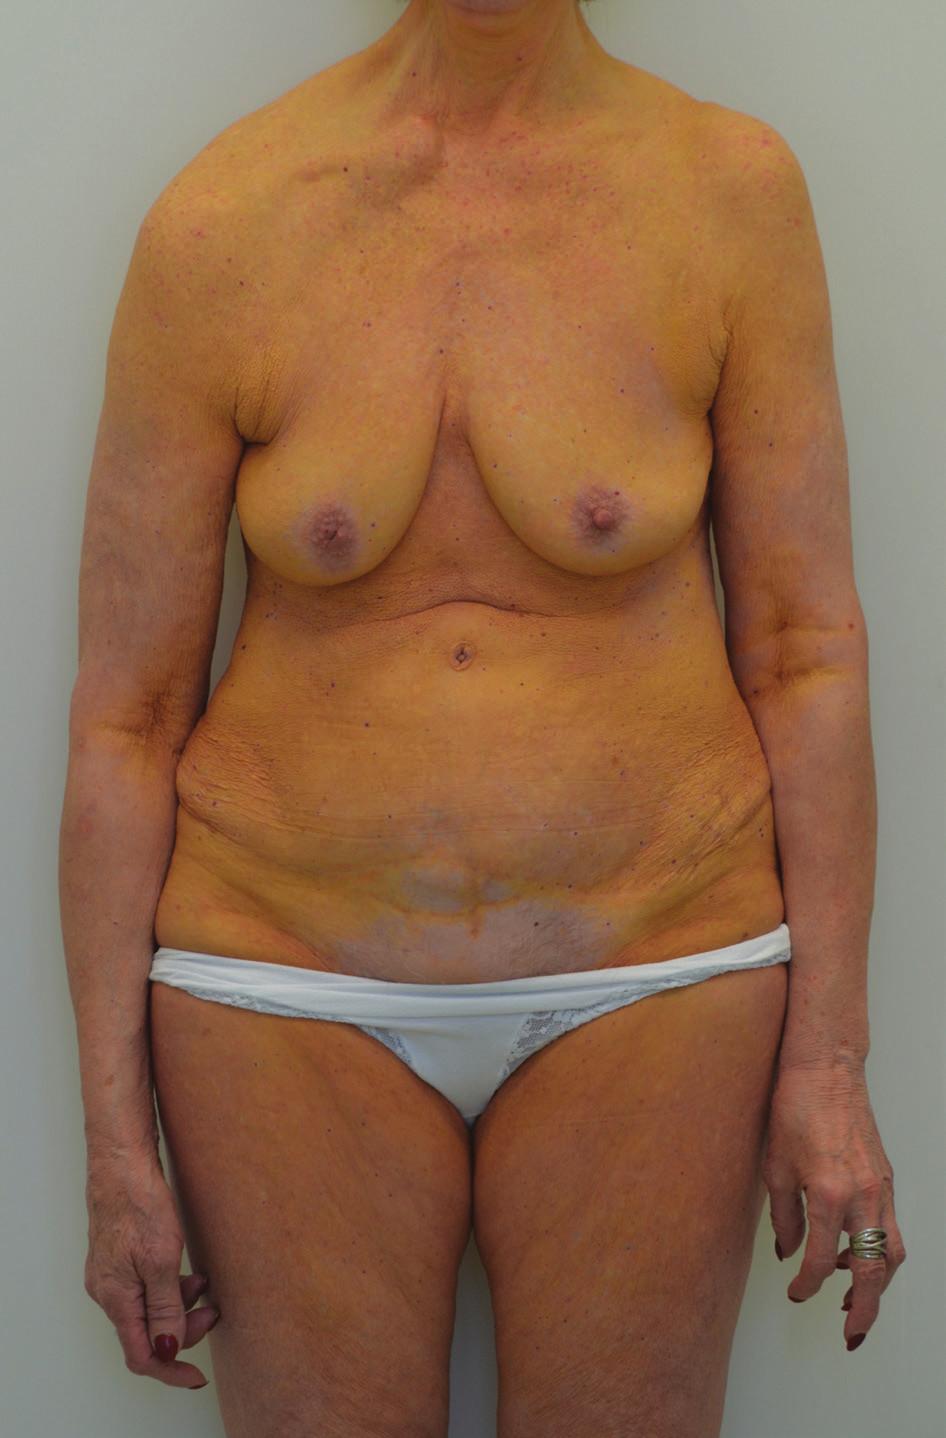 Žlutooranžové zbarvení přední strany trupu a končetin (oblast areol a podbřišku bez postižení), luxace pravé klavikuly